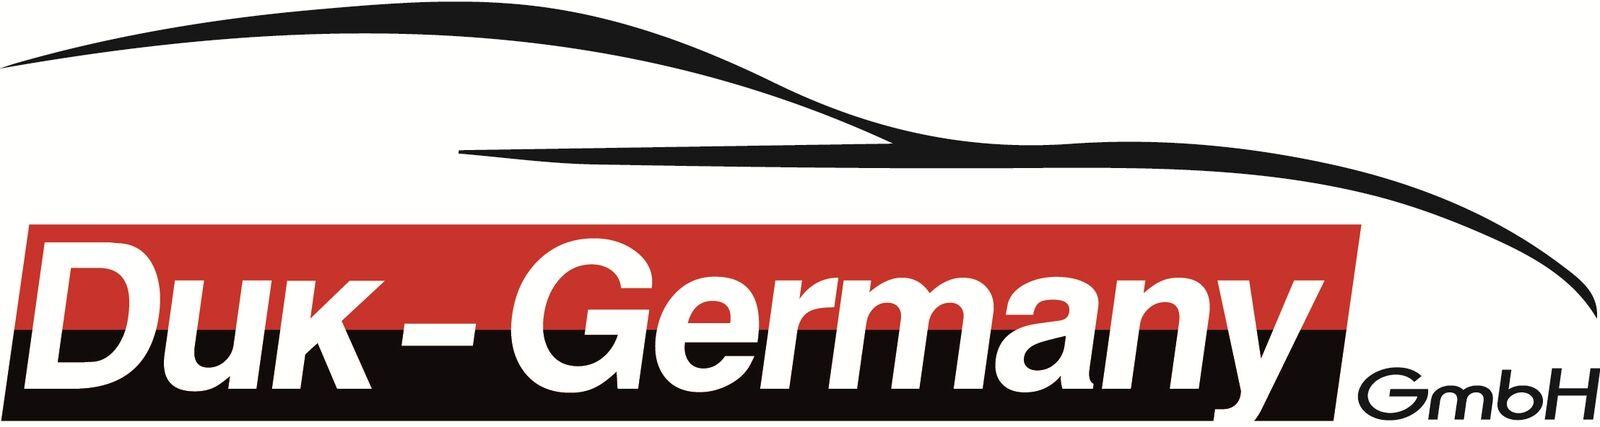 duk-germany